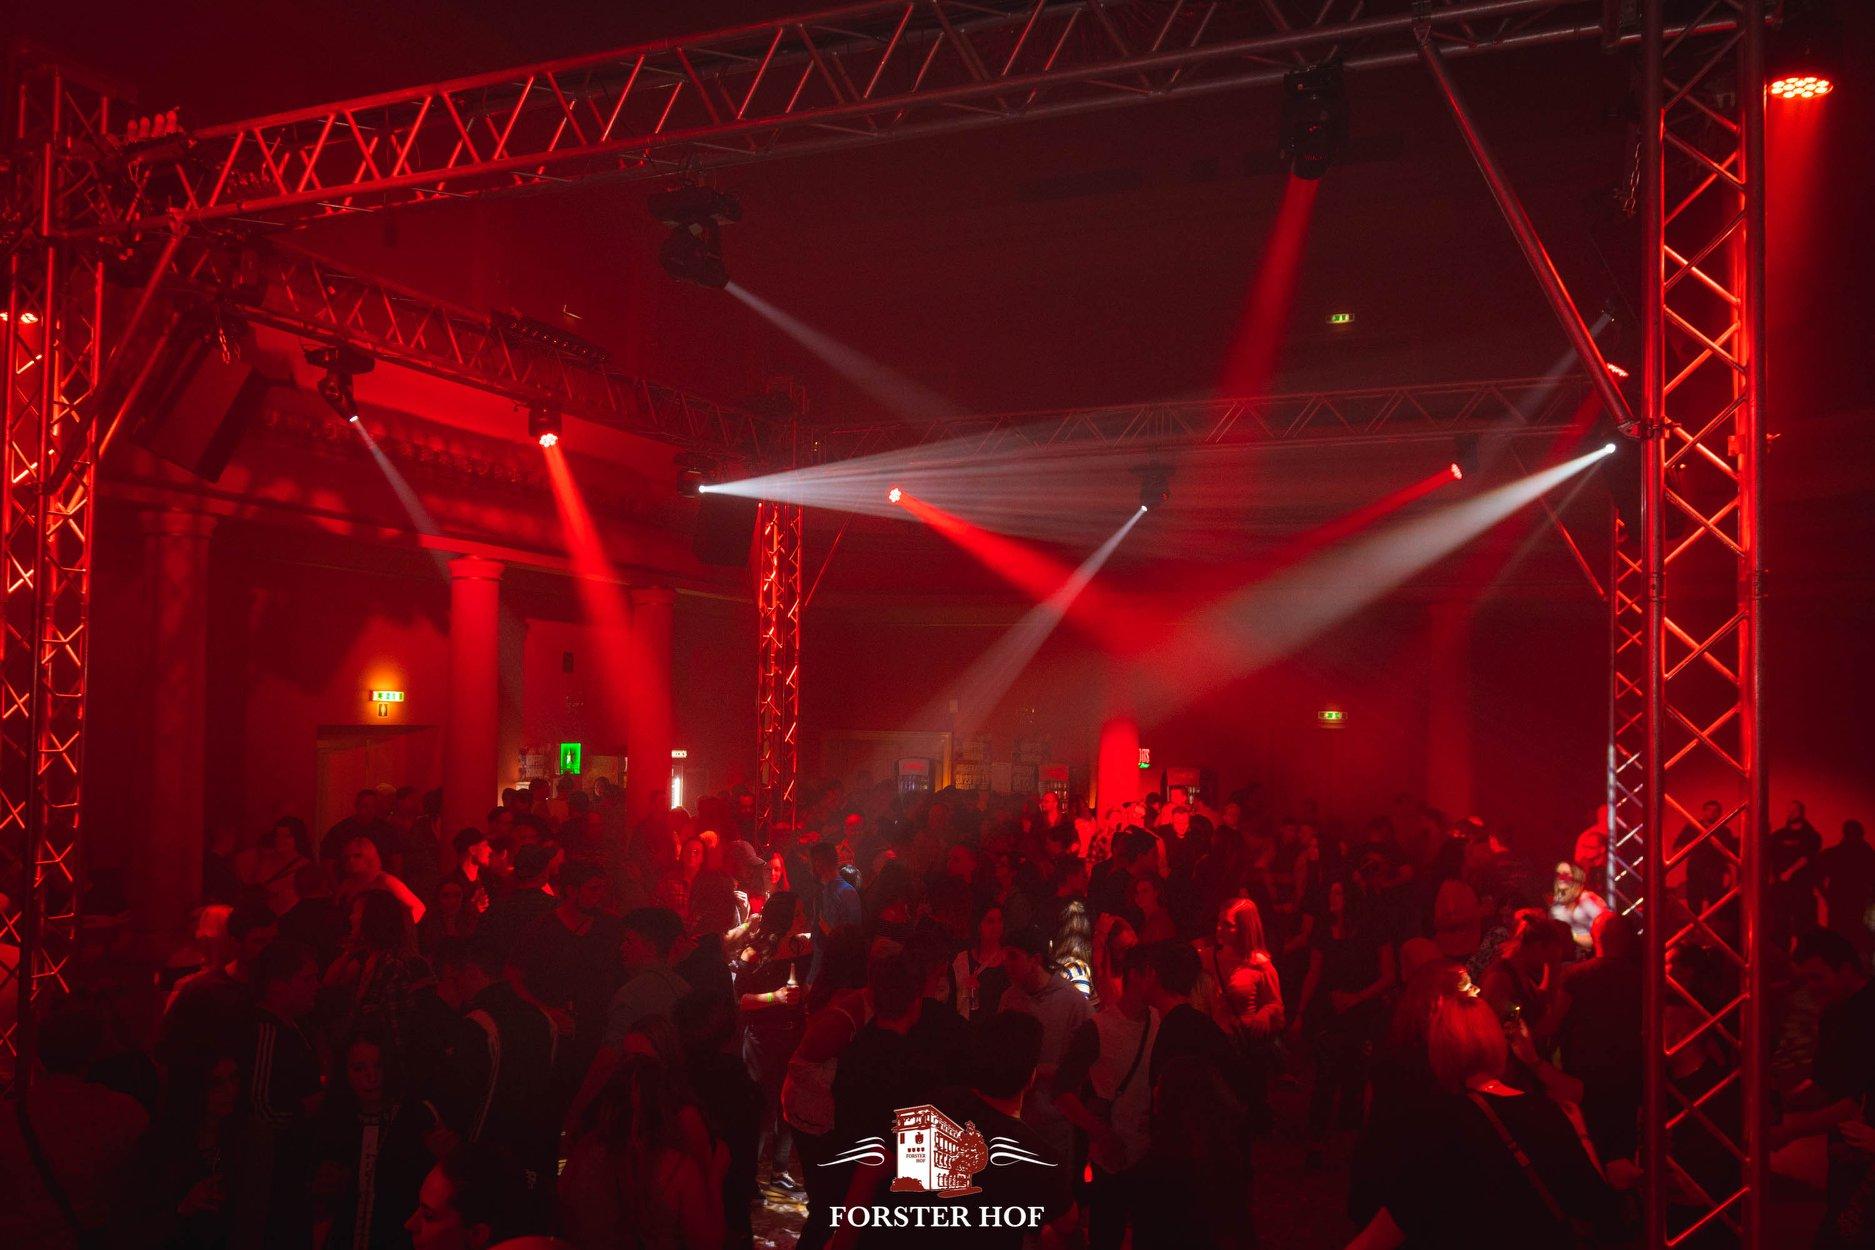 09.02.2019 – 90er/2000er BAD-TASTE Party